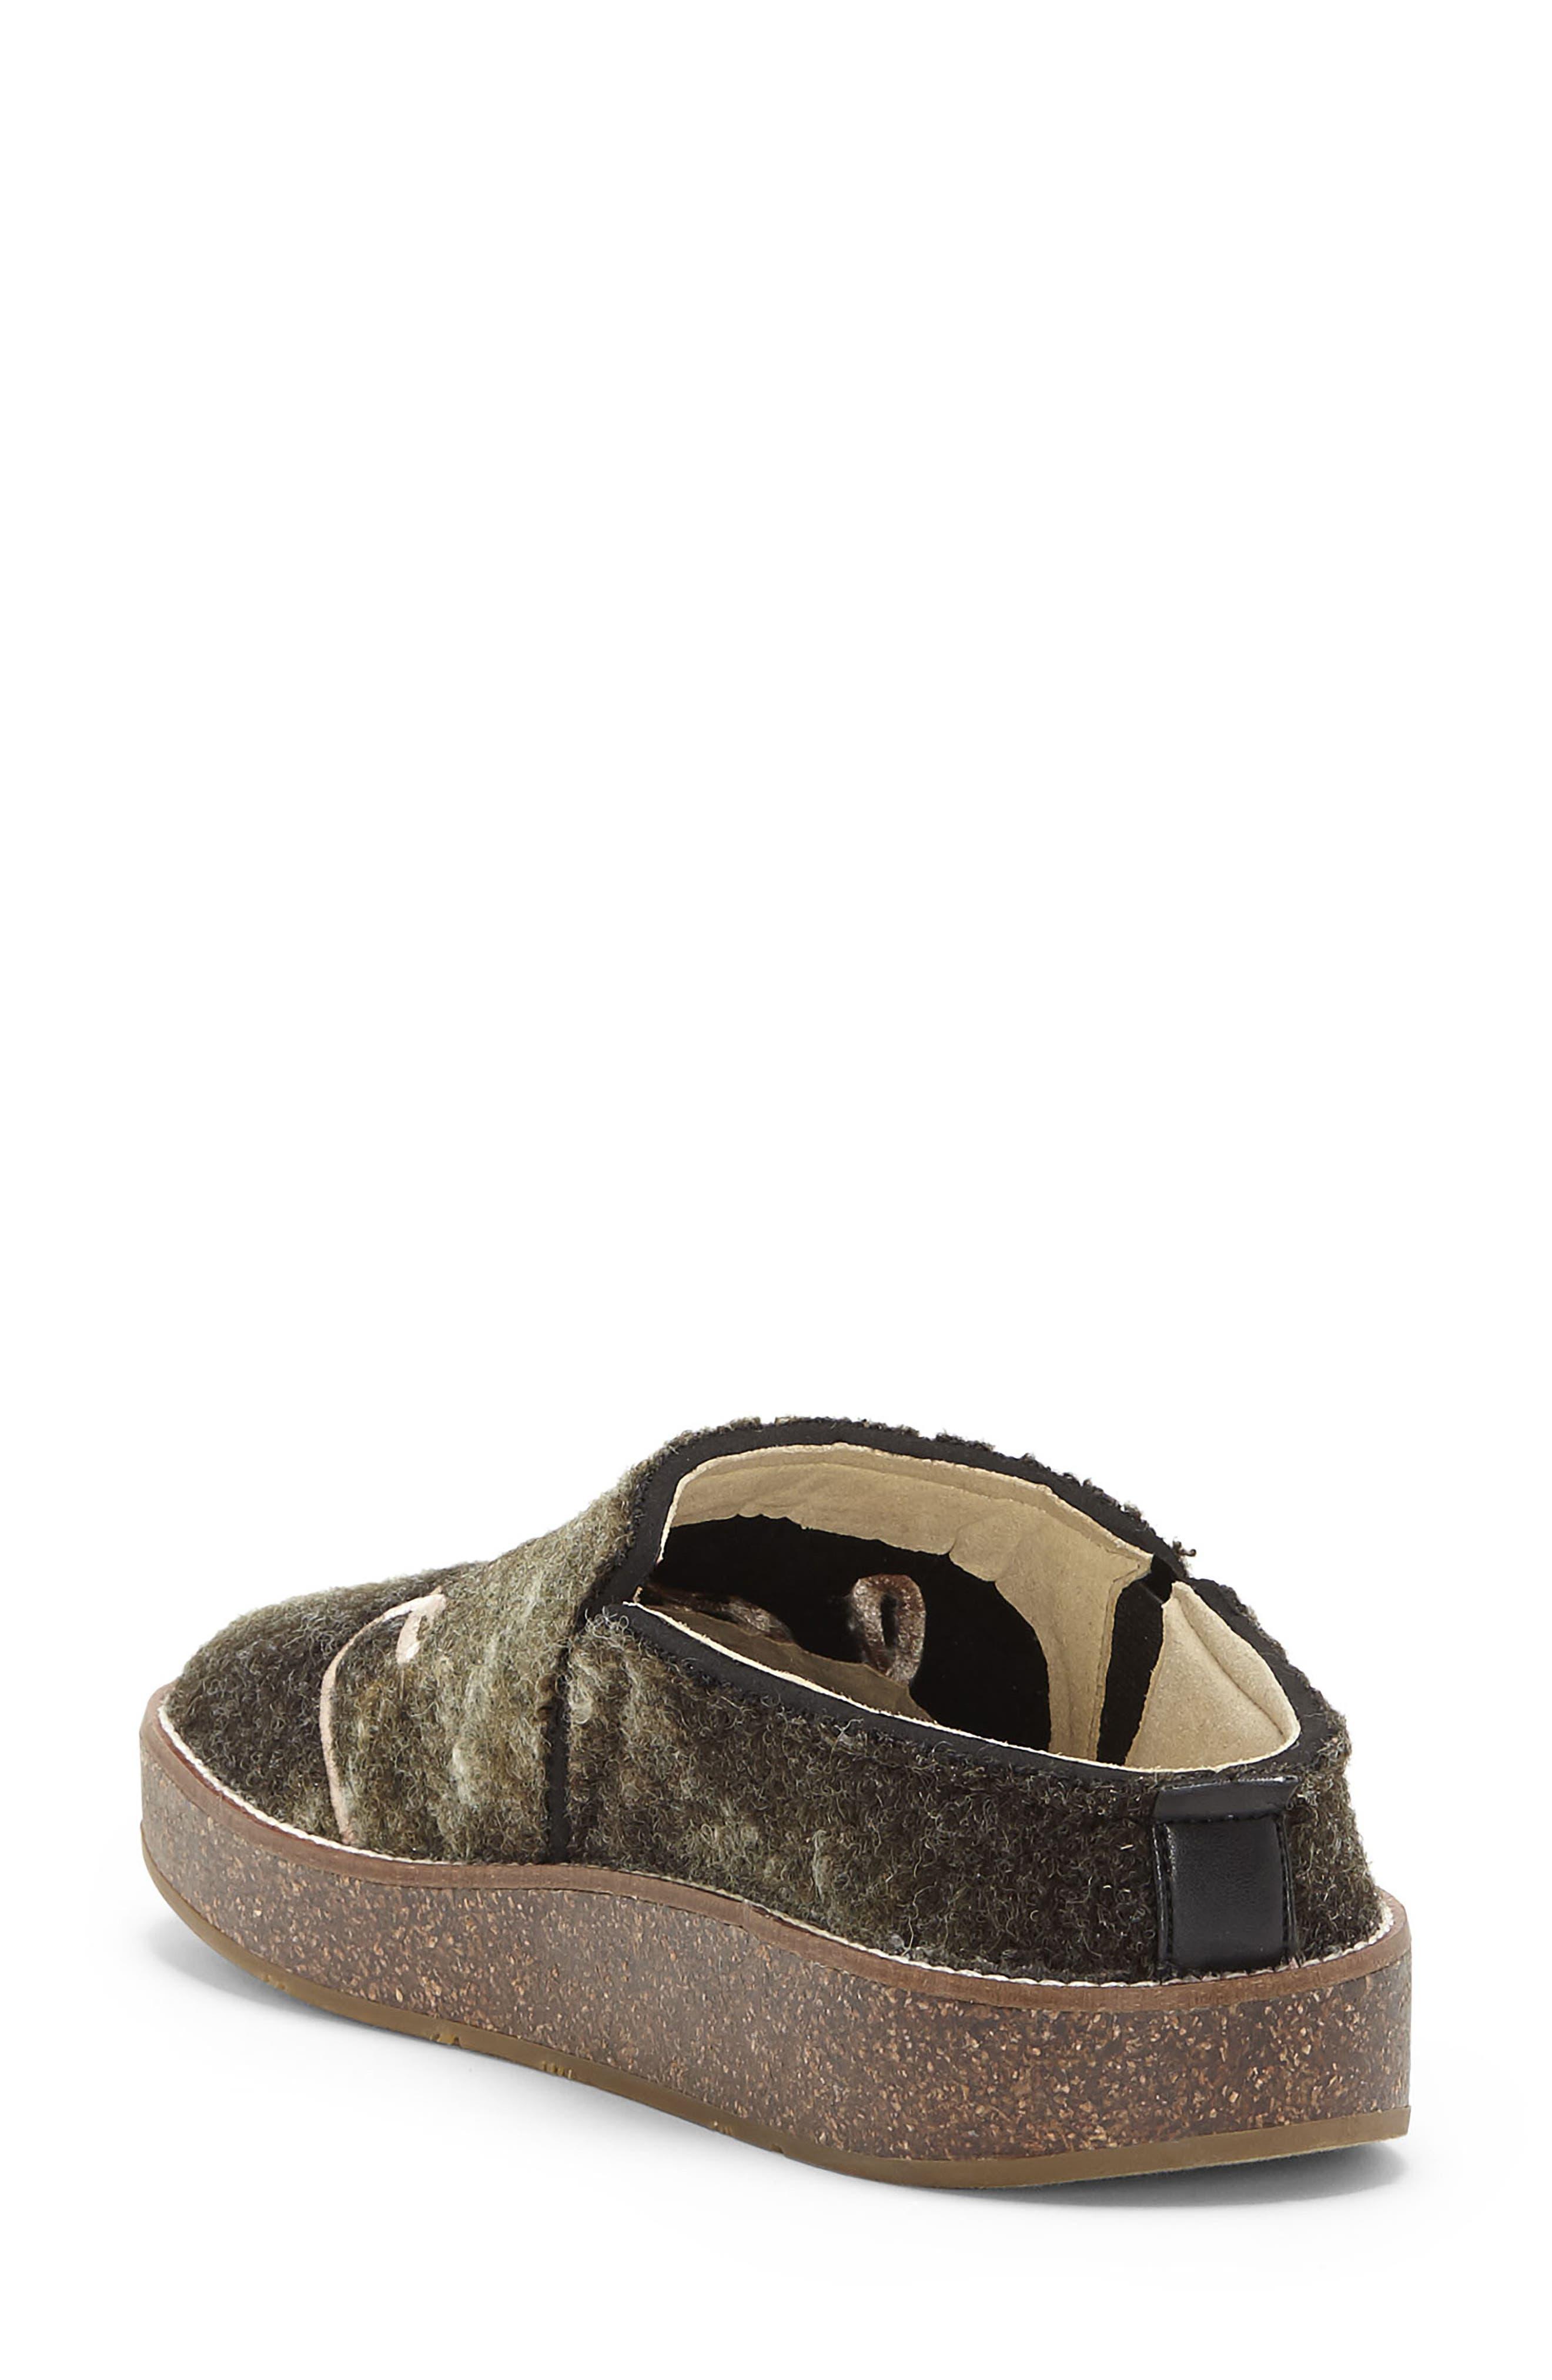 94ea8d9d5b6 Women s Slippers Sale